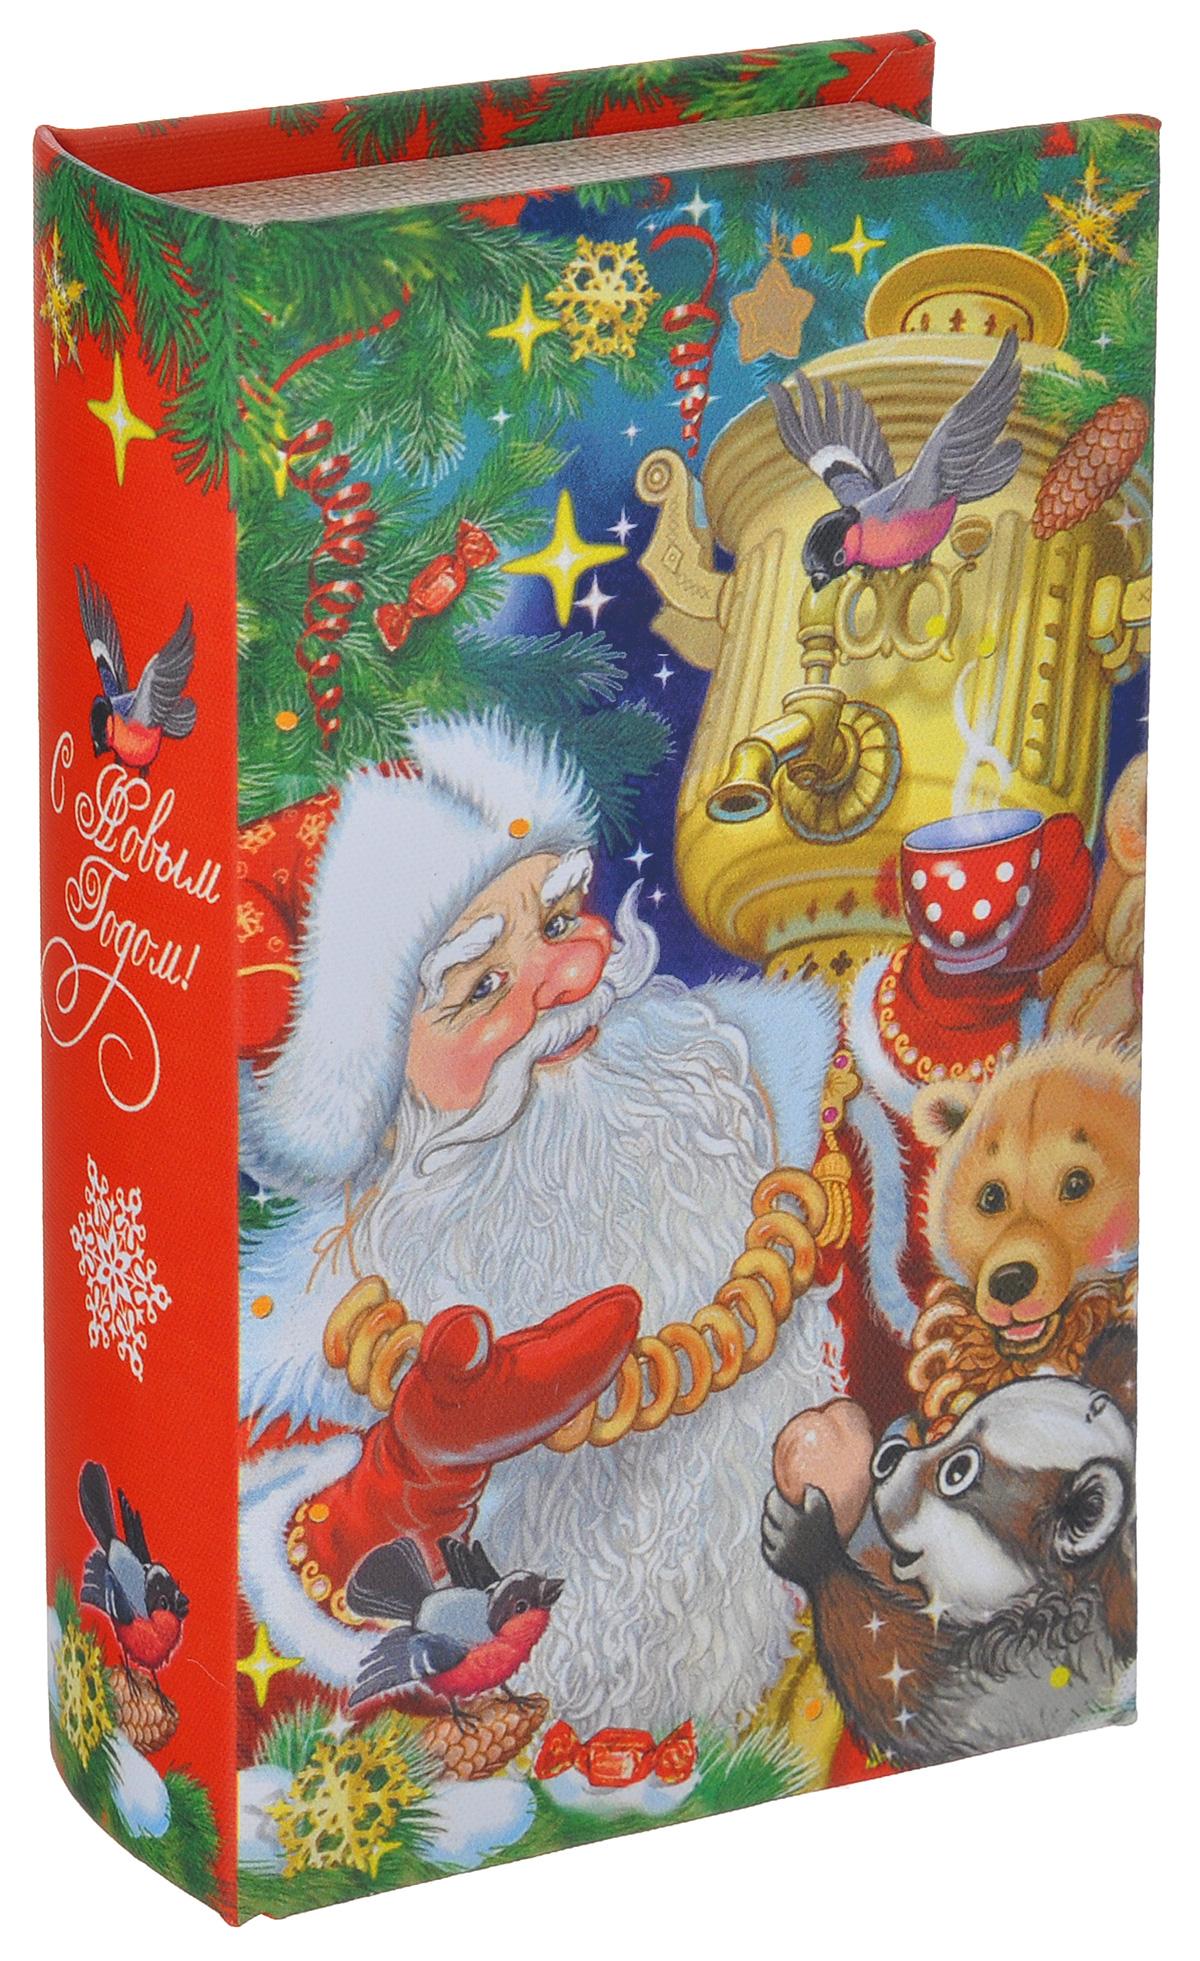 Шкатулка декоративная Дед Мороз с самоваром, цвет: красный, зеленый, бежевый, 17 х 11см х 5 см38472Яркая декоративная шкатулка Дед Мороз с самоваром, выполненная из МДФ, не оставит равнодушным ни одного любителя оригинальных вещей. Изделие украшено оригинальном рисунком и закрывается на магнит. Такая шкатулка украсит интерьер вашей комнаты и станет не только декоративным, но и практичным аксессуаром - ее можно использовать для хранения украшений и мелочей.